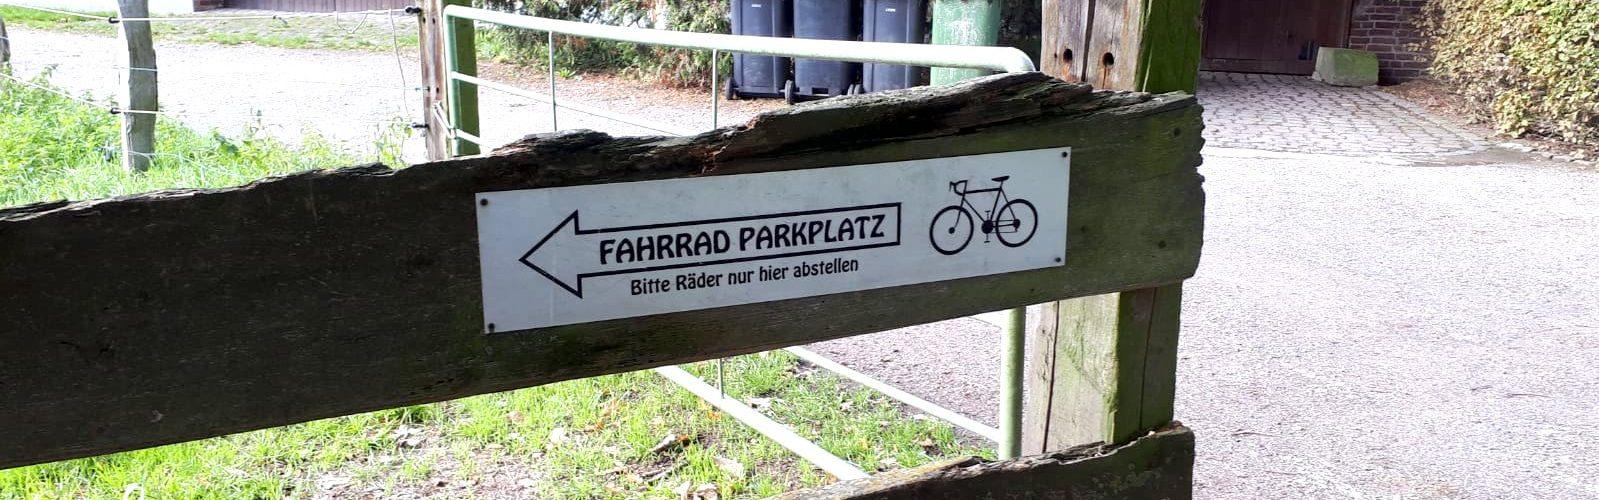 Fahrrad Parkplatz Baerlaghof Foto: Anne Beier, ADFC Dinslaken-Voerde